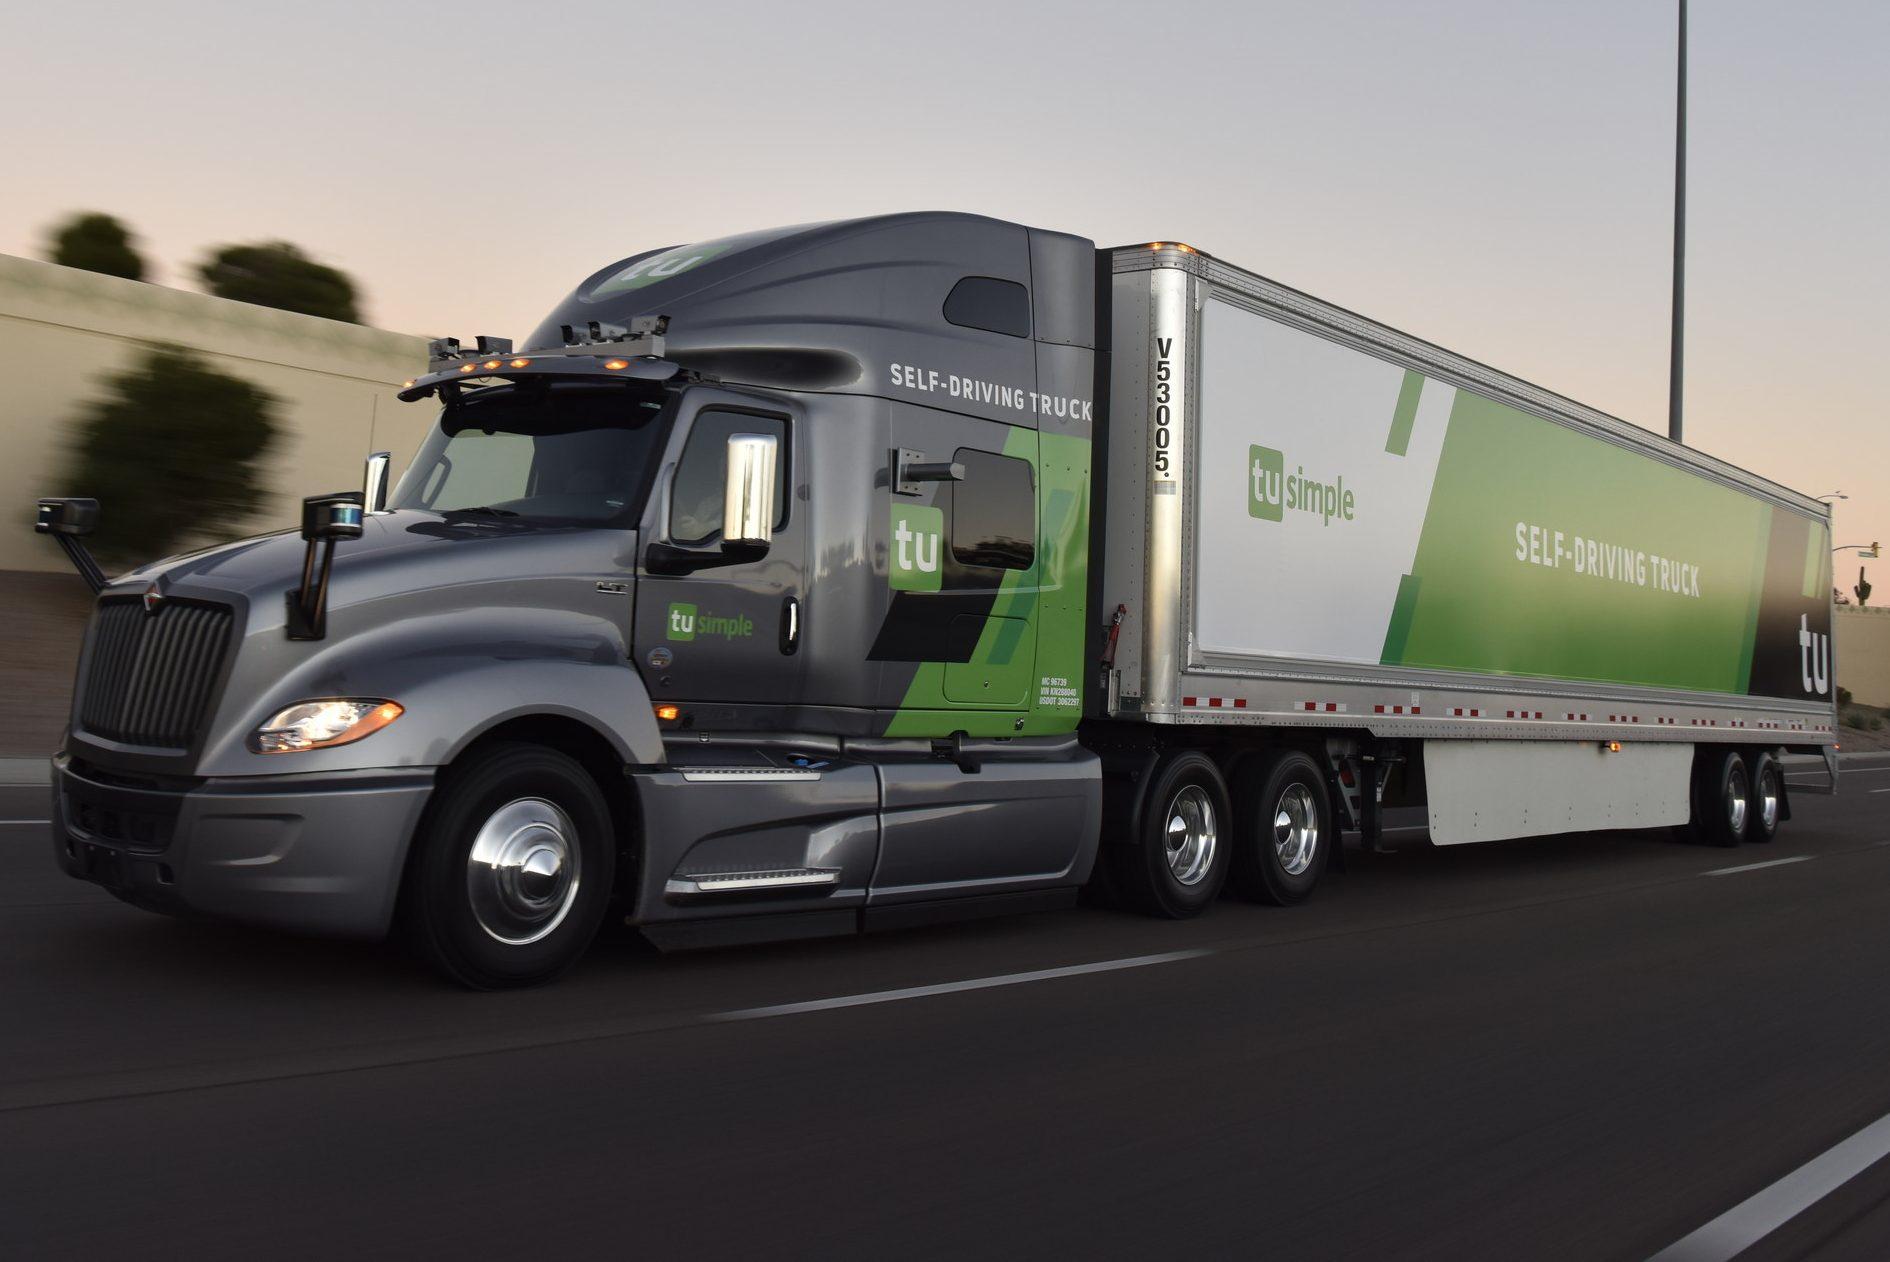 Το φορτηγό εκκίνησης χωρίς οδηγό πηγαίνει … χρηματιστήριο